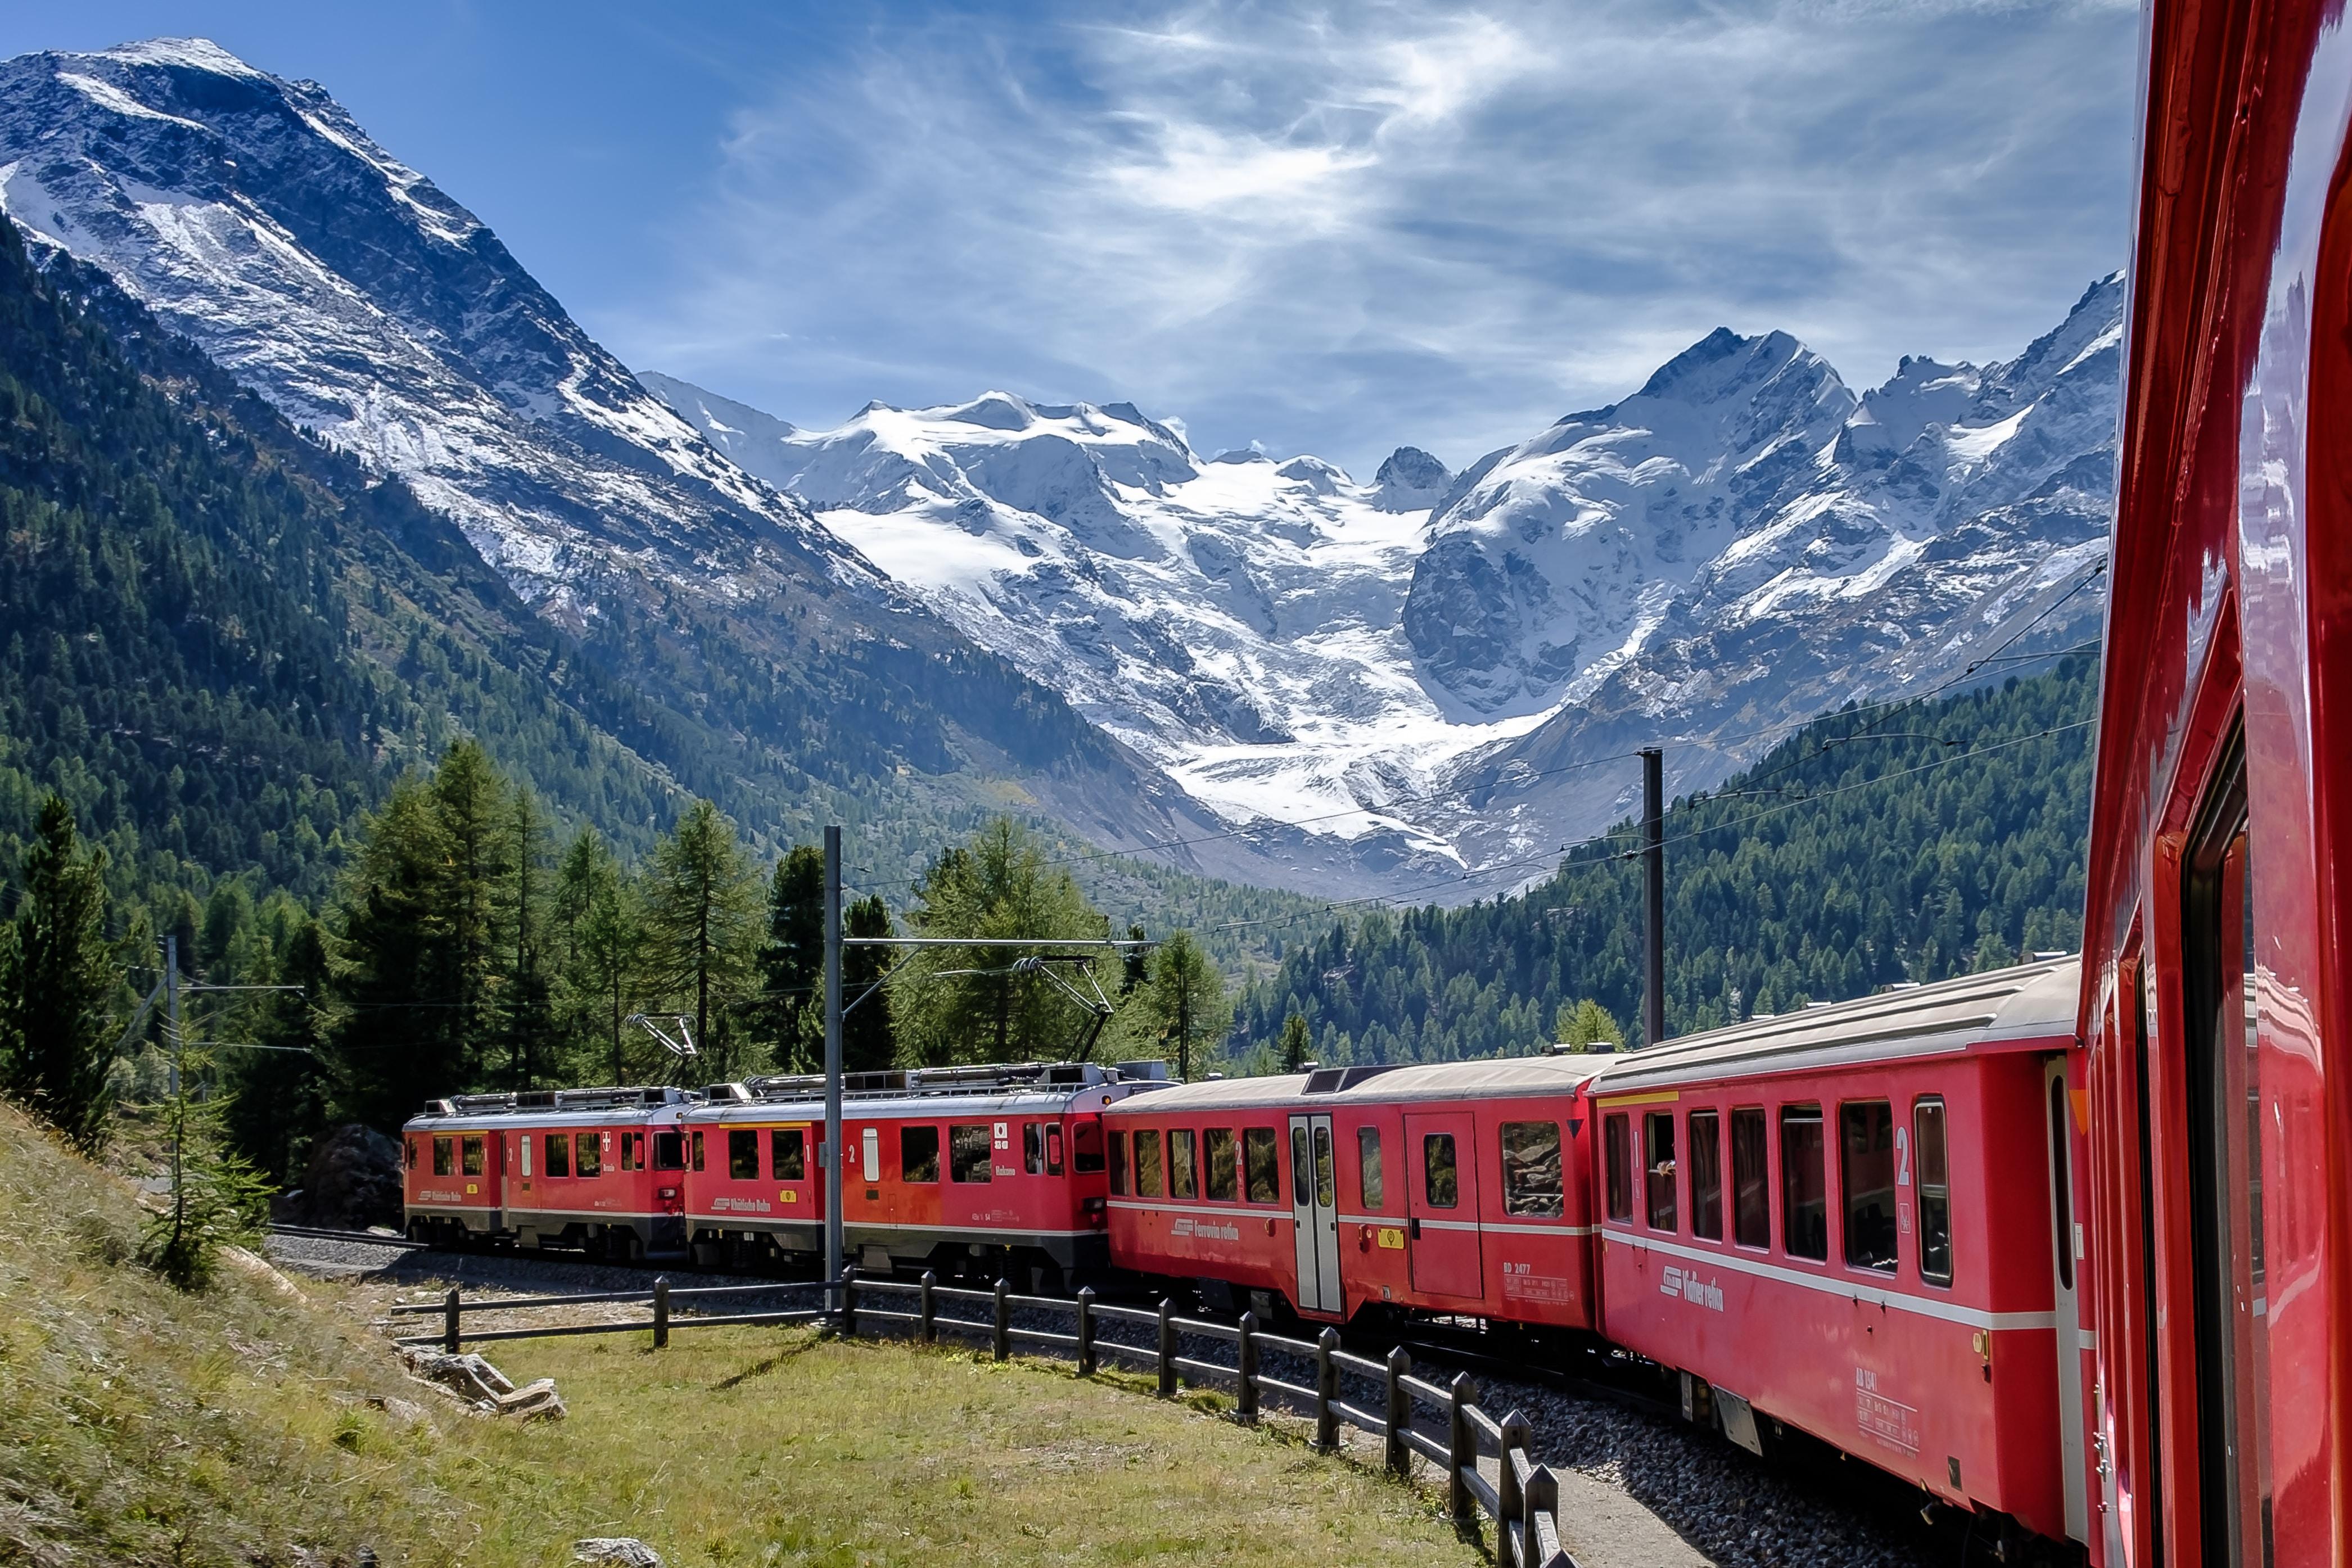 trein, glacier express, treinreis, europa, treinreizen, vliegschaamte